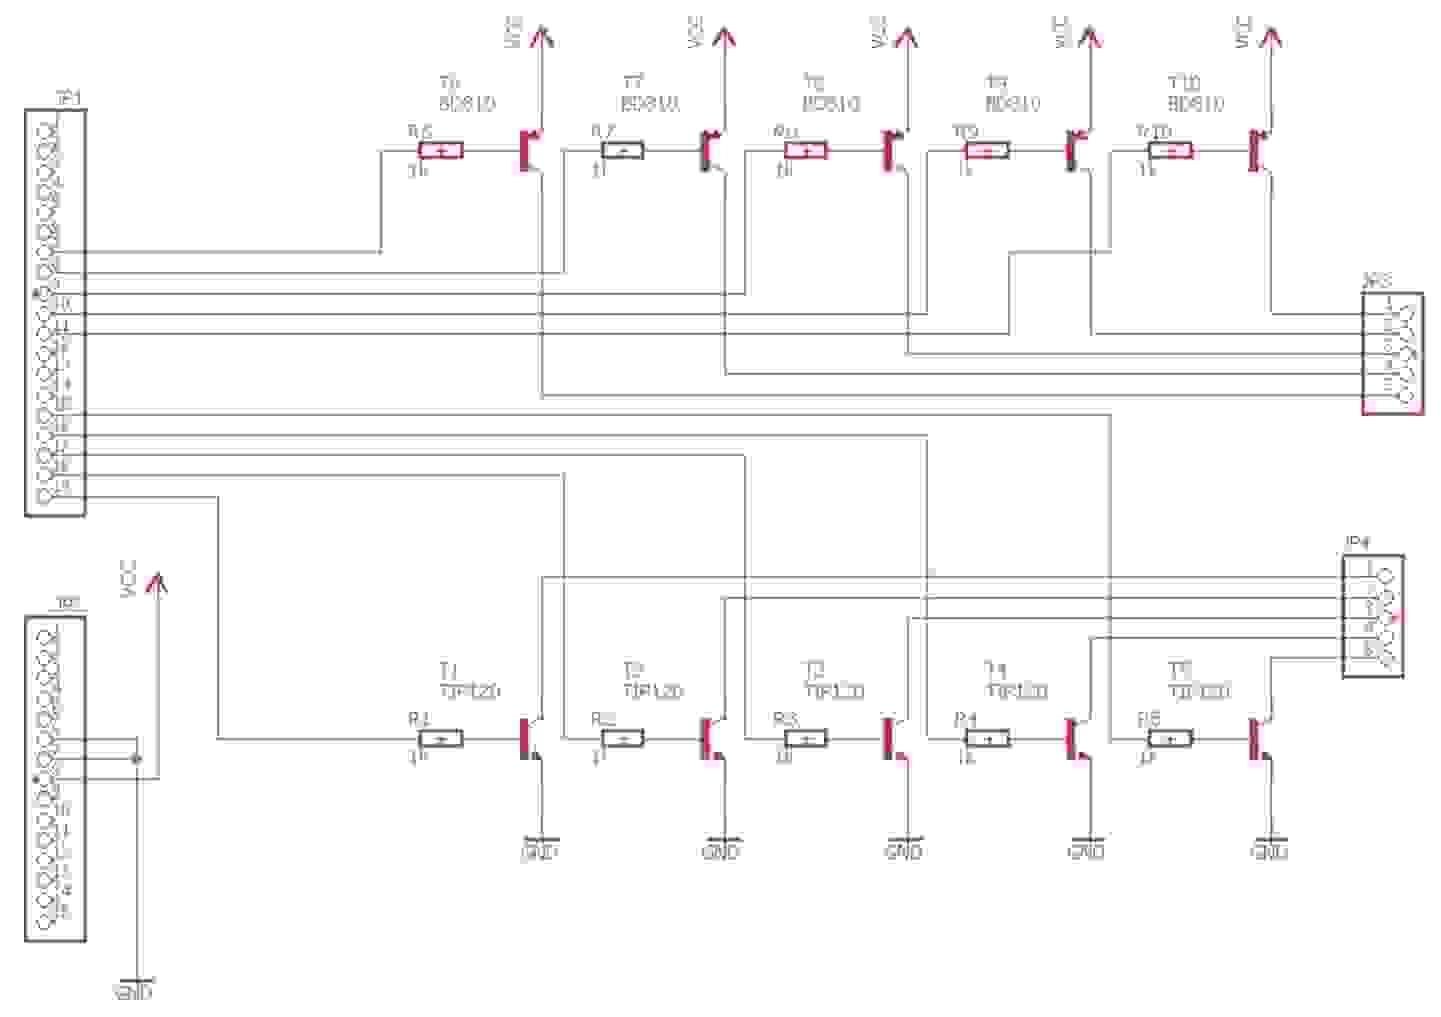 LED Tisch Schaltplan